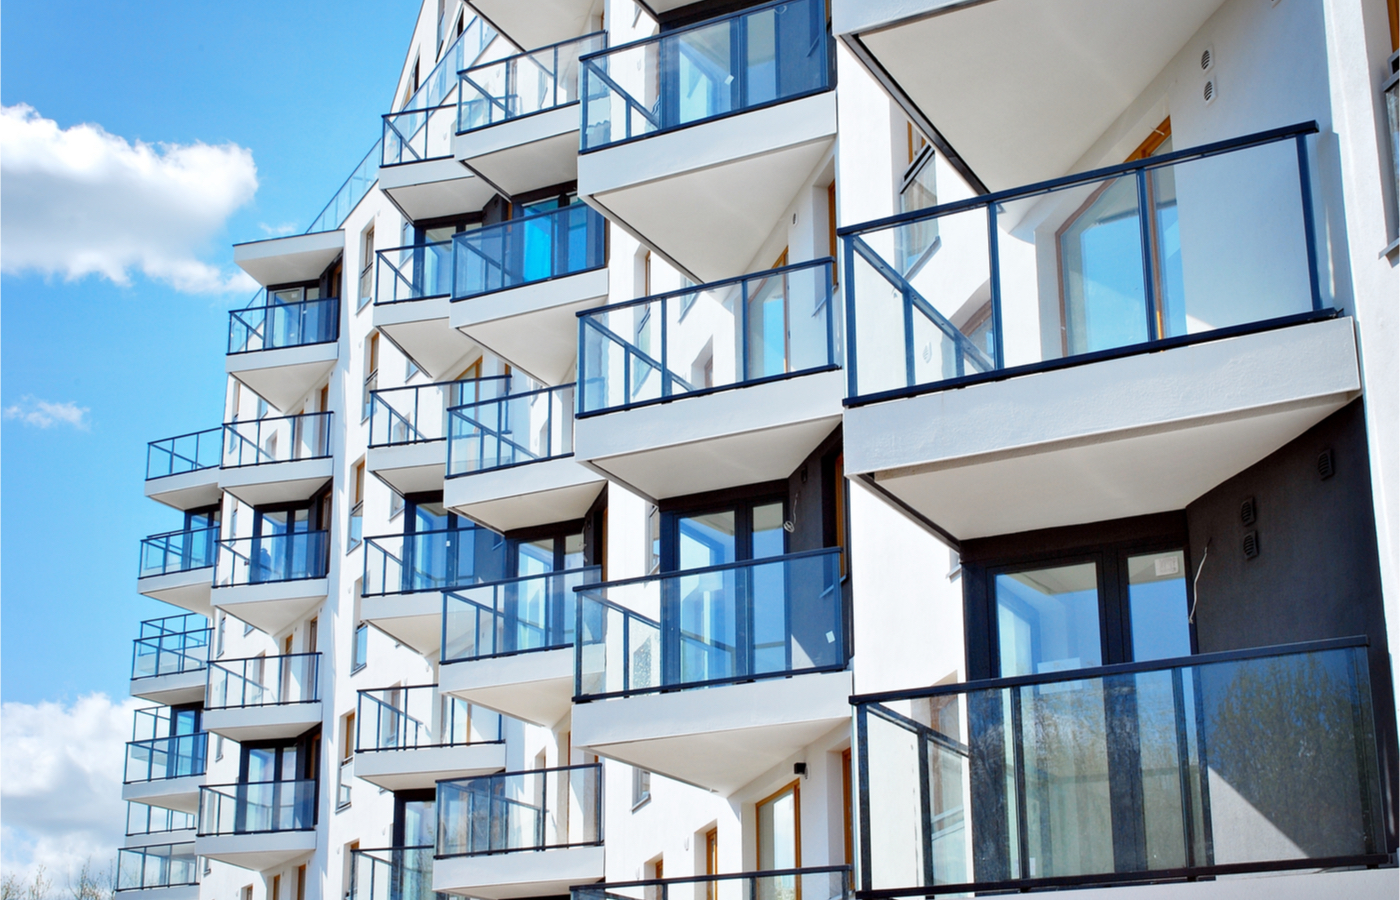 Cuánto aumenta un departamento con elevador, balcón y estacionamiento